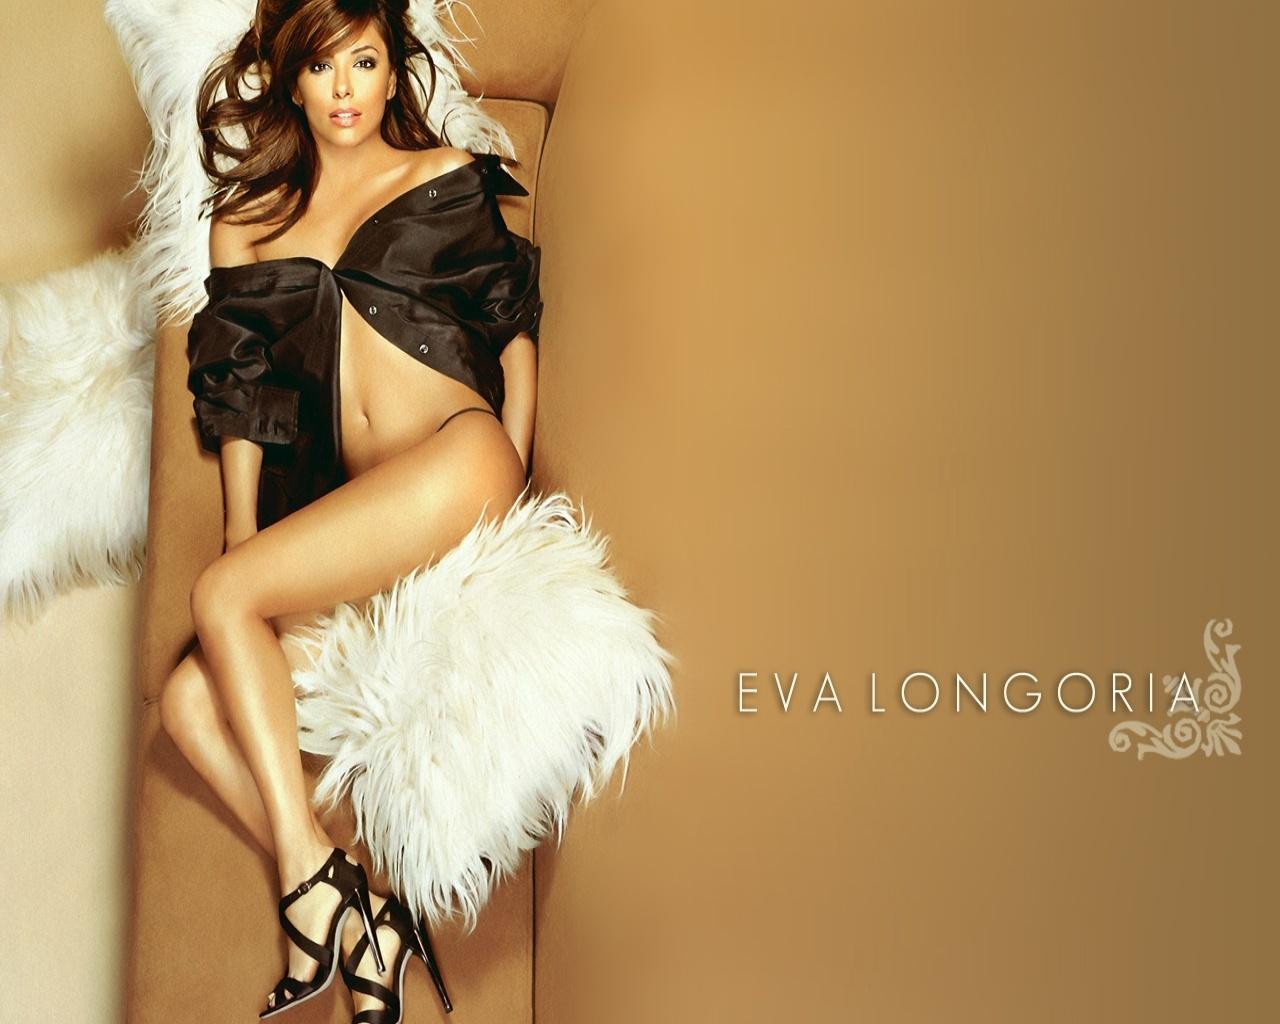 http://3.bp.blogspot.com/-ltt1uiXm0jc/TlezWUYAiqI/AAAAAAAAJ2Y/Ru-AjjKGkQk/s1600/hollywood-actress_Eva-Longoria-bikini-wallpaper.jpg